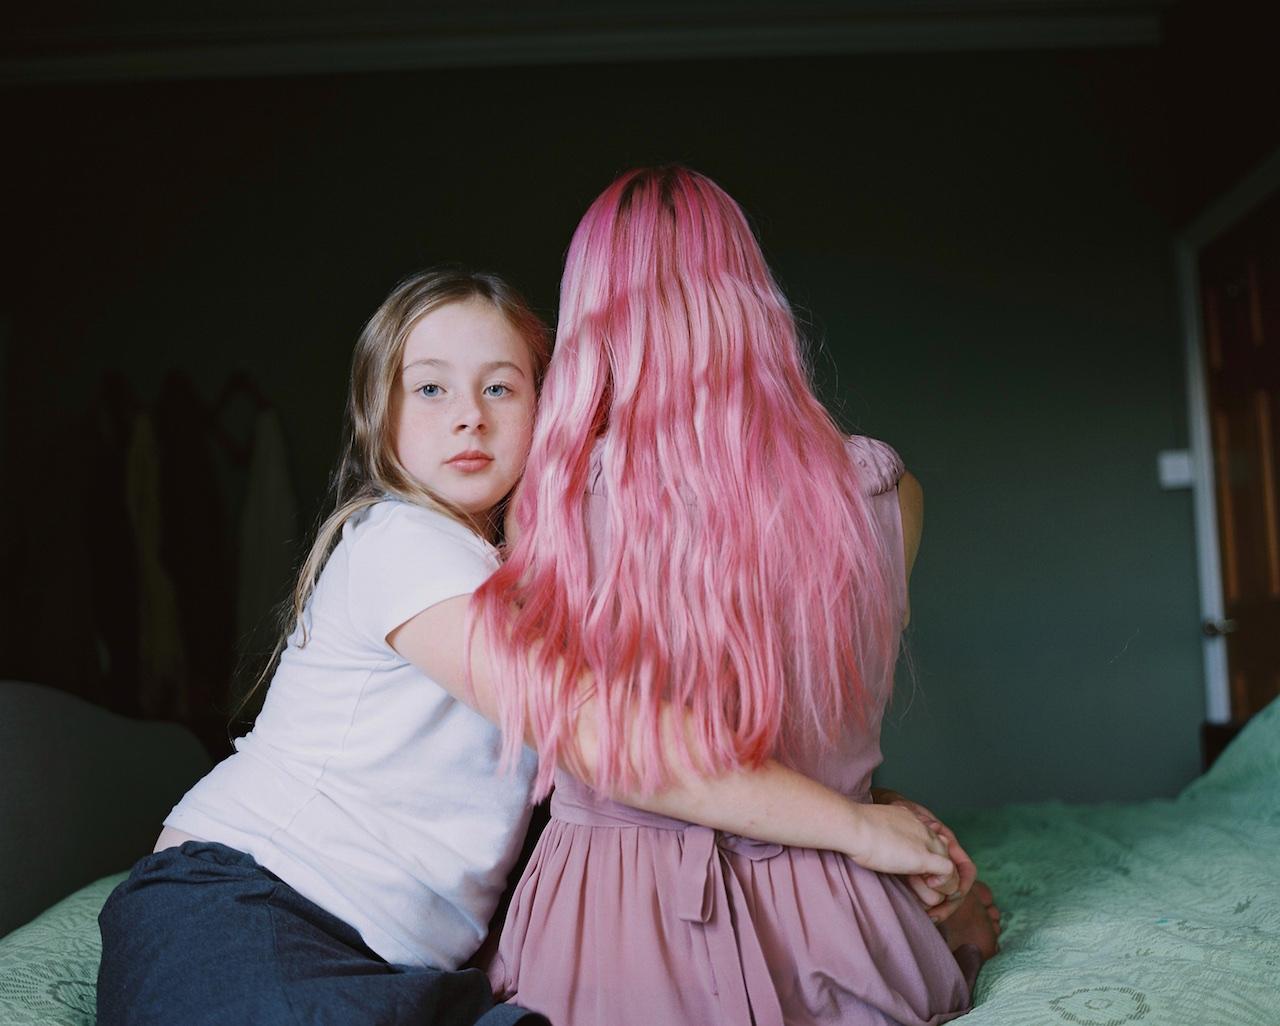 我最喜欢的颜色是黄色|Kirsty MacKay摄影作品欣赏